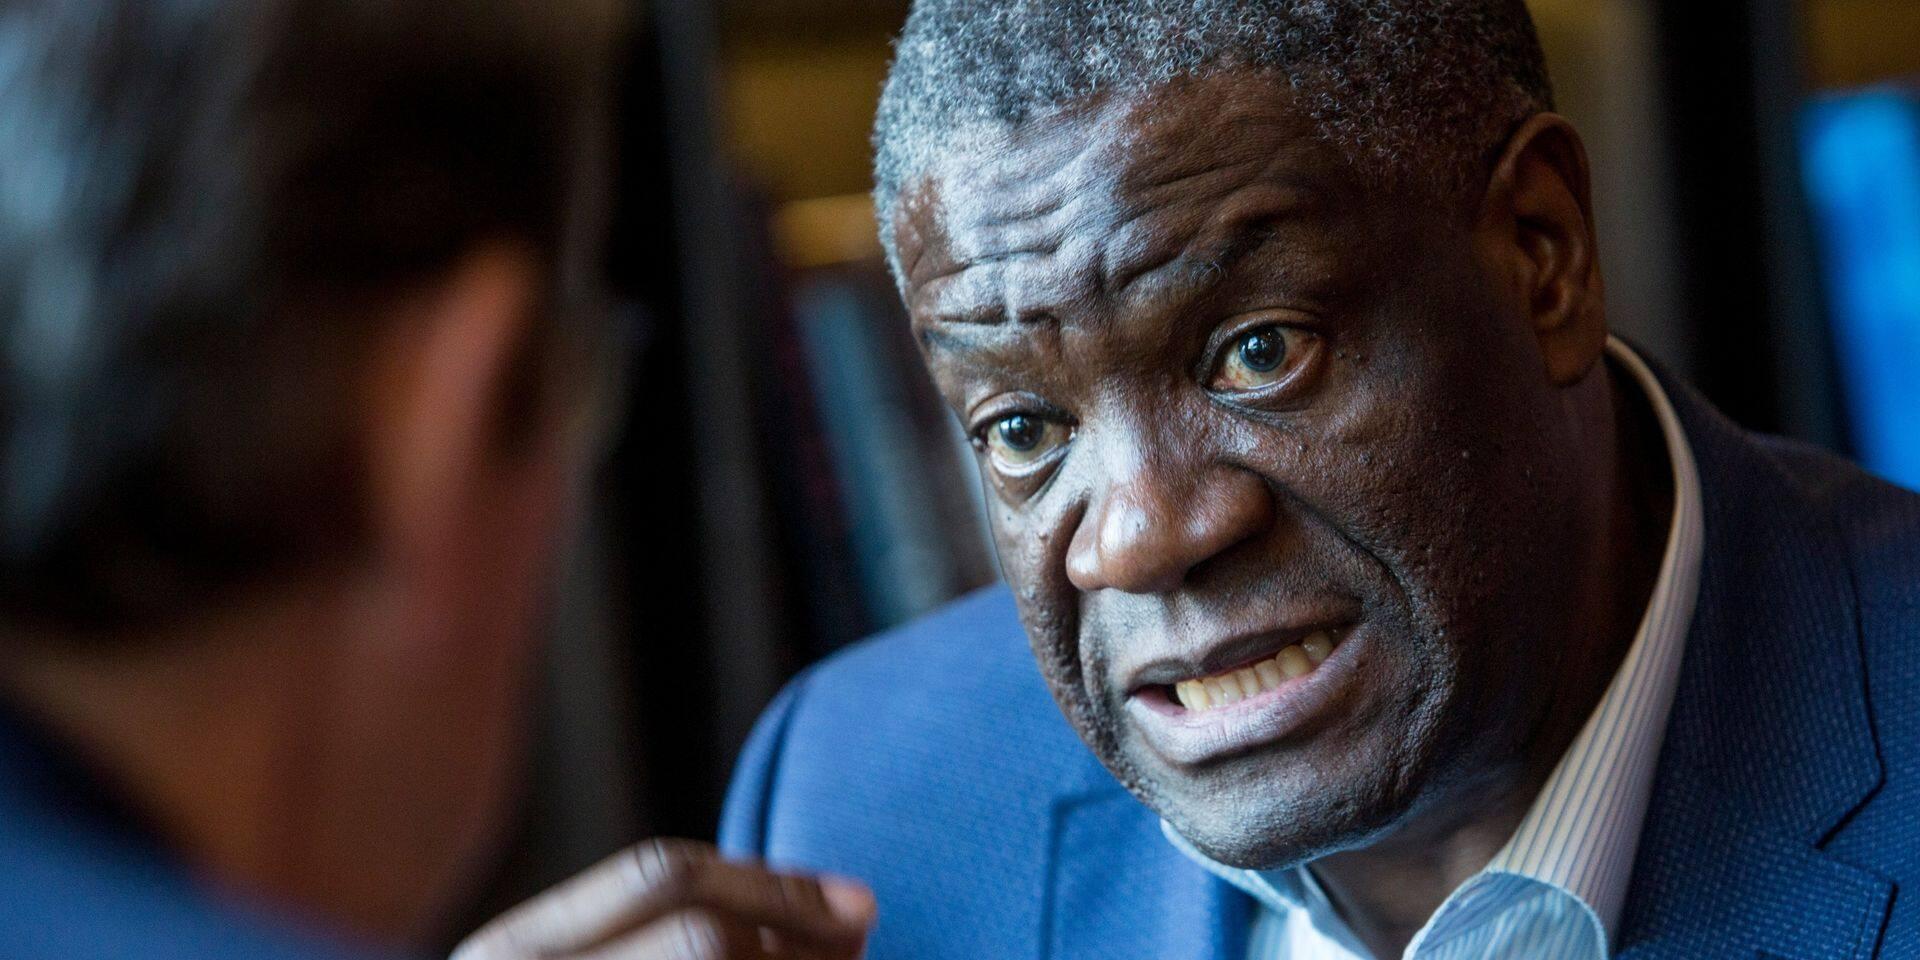 Vaste mouvement de soutien suite aux menaces envers le Dr Mukwege, prix Nobel de la paix 2018